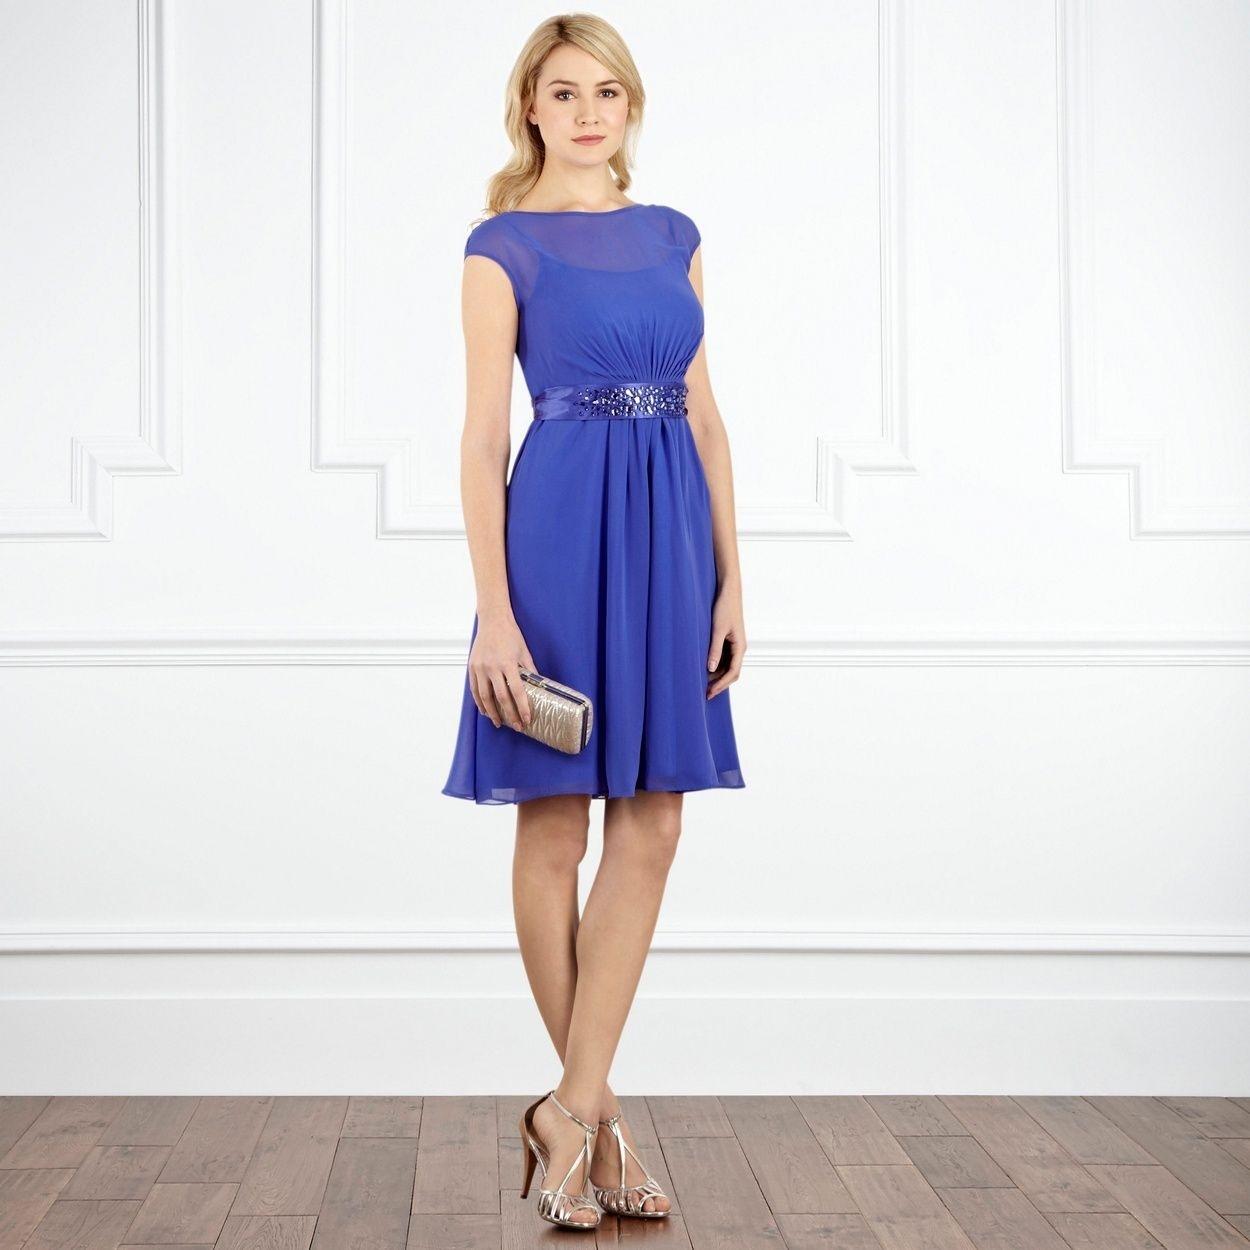 Abend Schön Blaues Kleid A Linie für 15 - Abendkleid